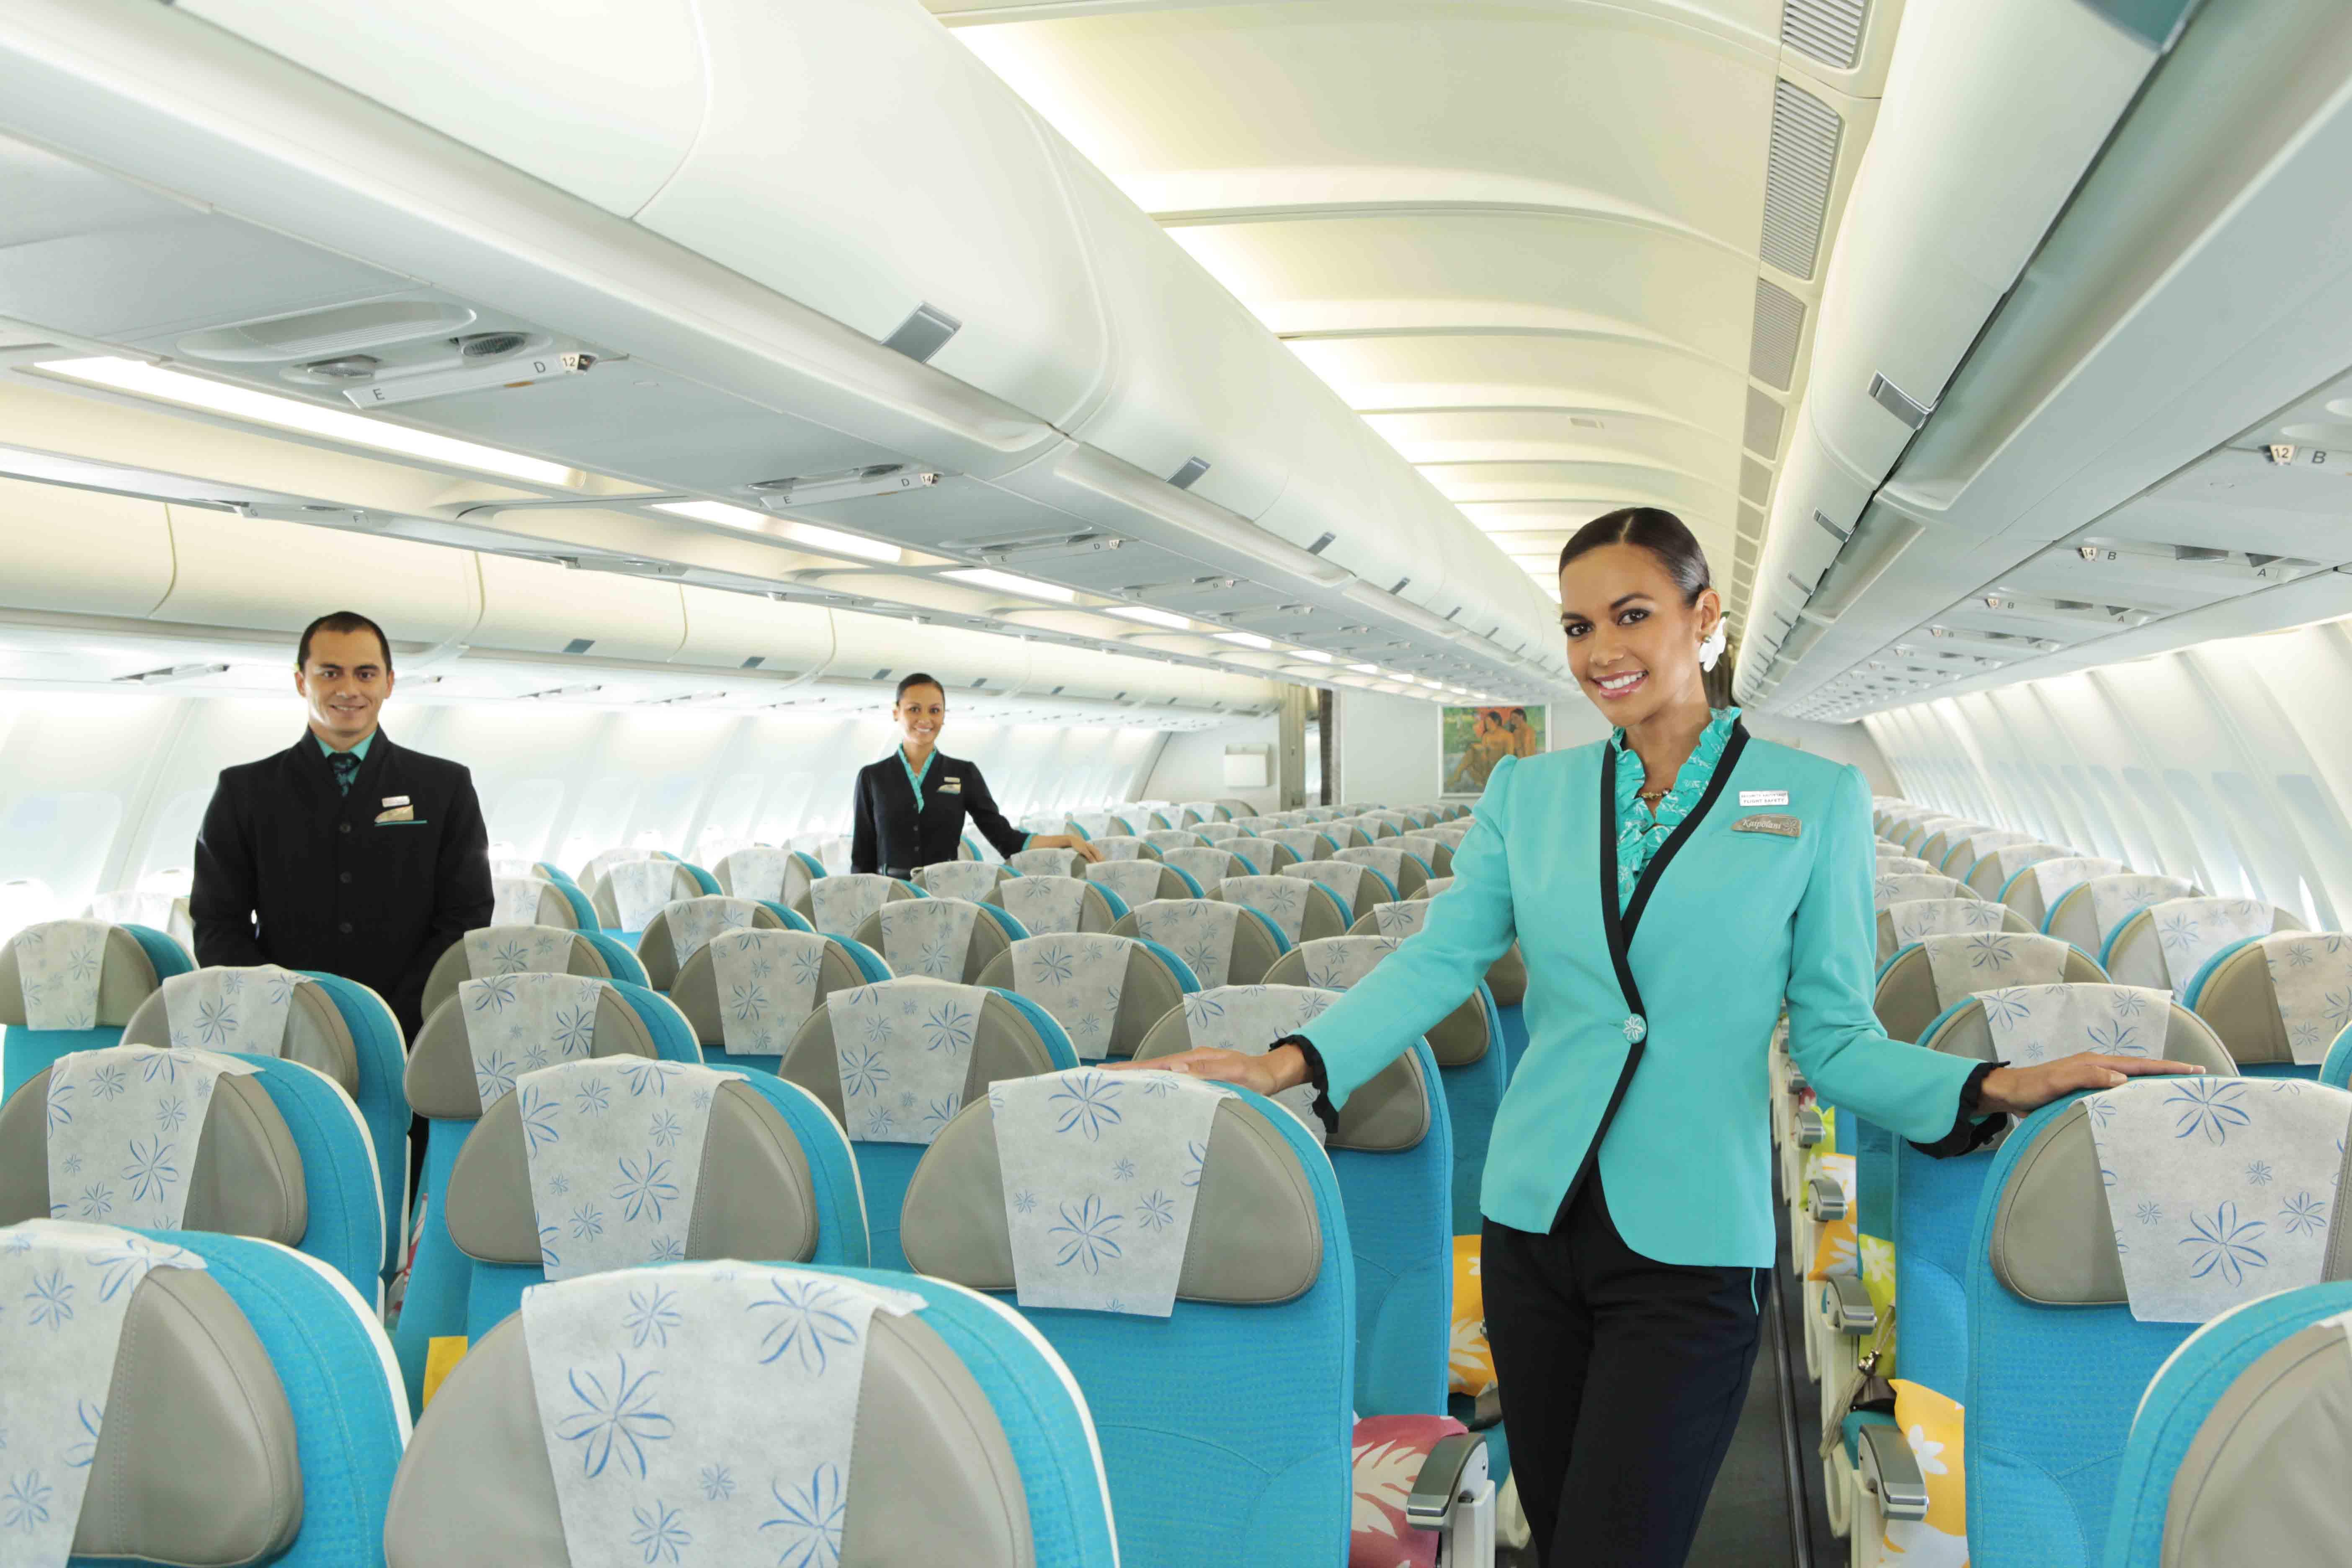 Classe econômica da Air Tahiti Nui | foto: divulgação